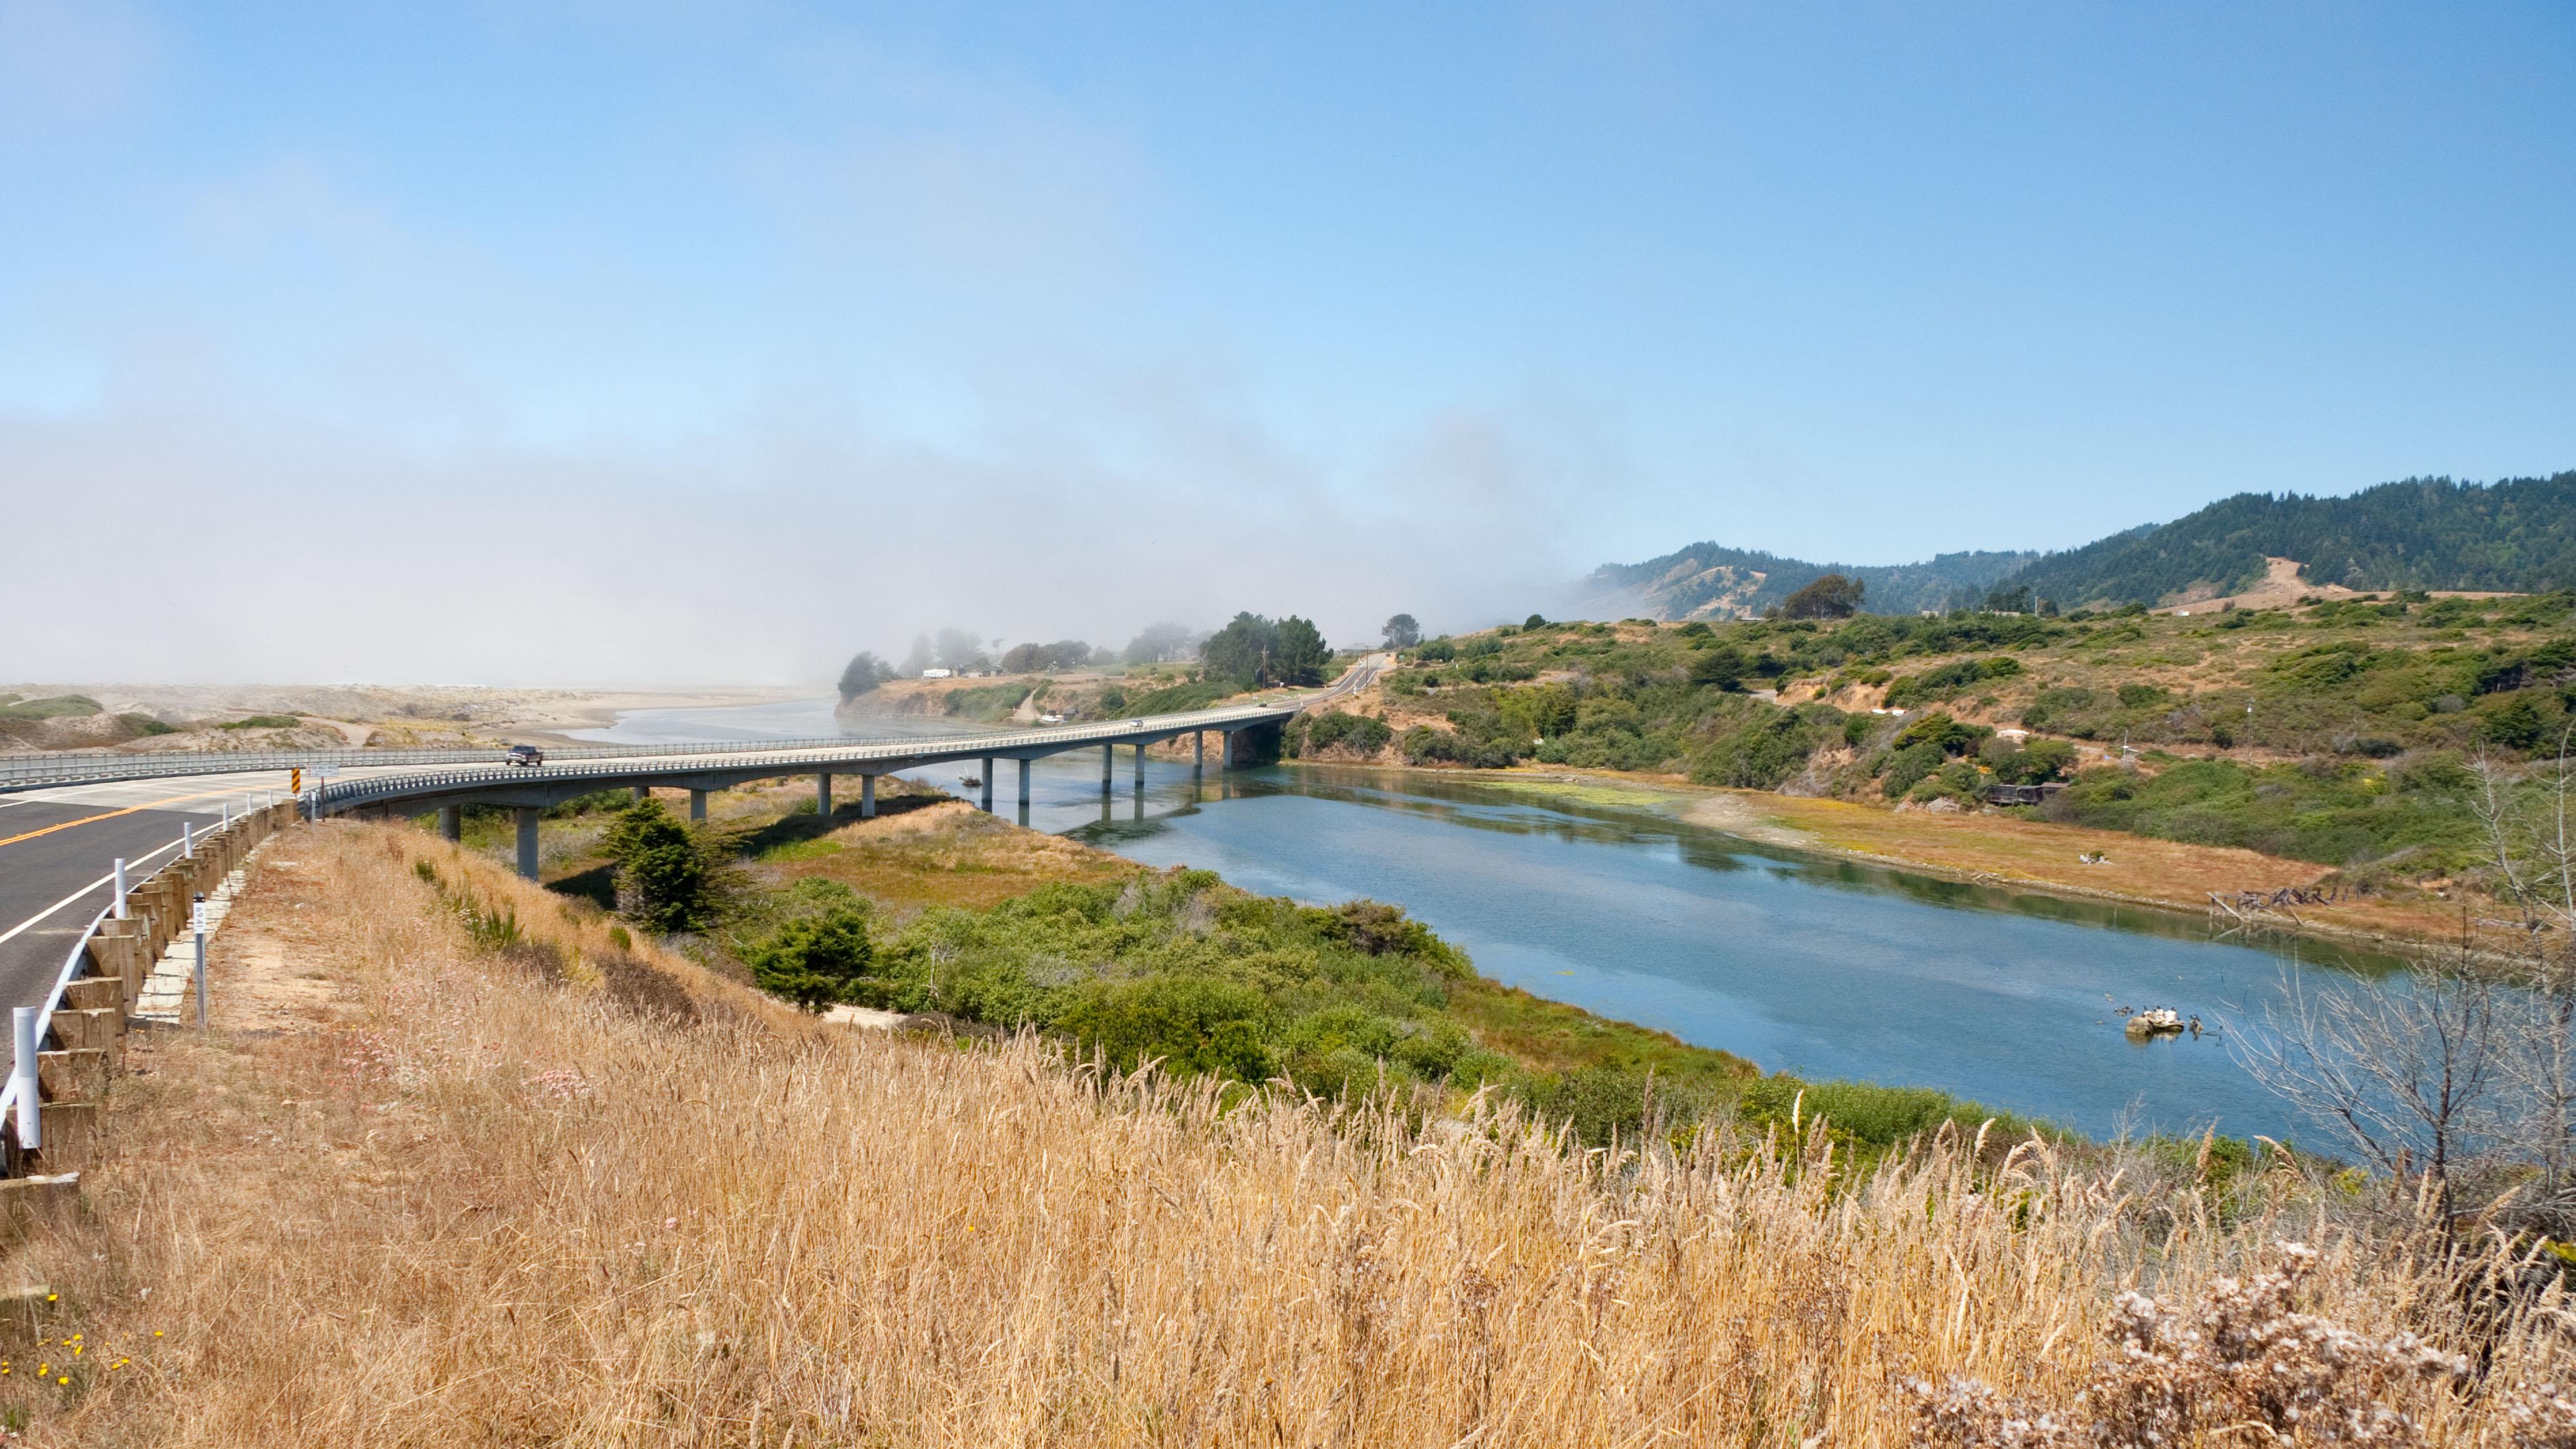 A bridge over California's Ten Mile River.